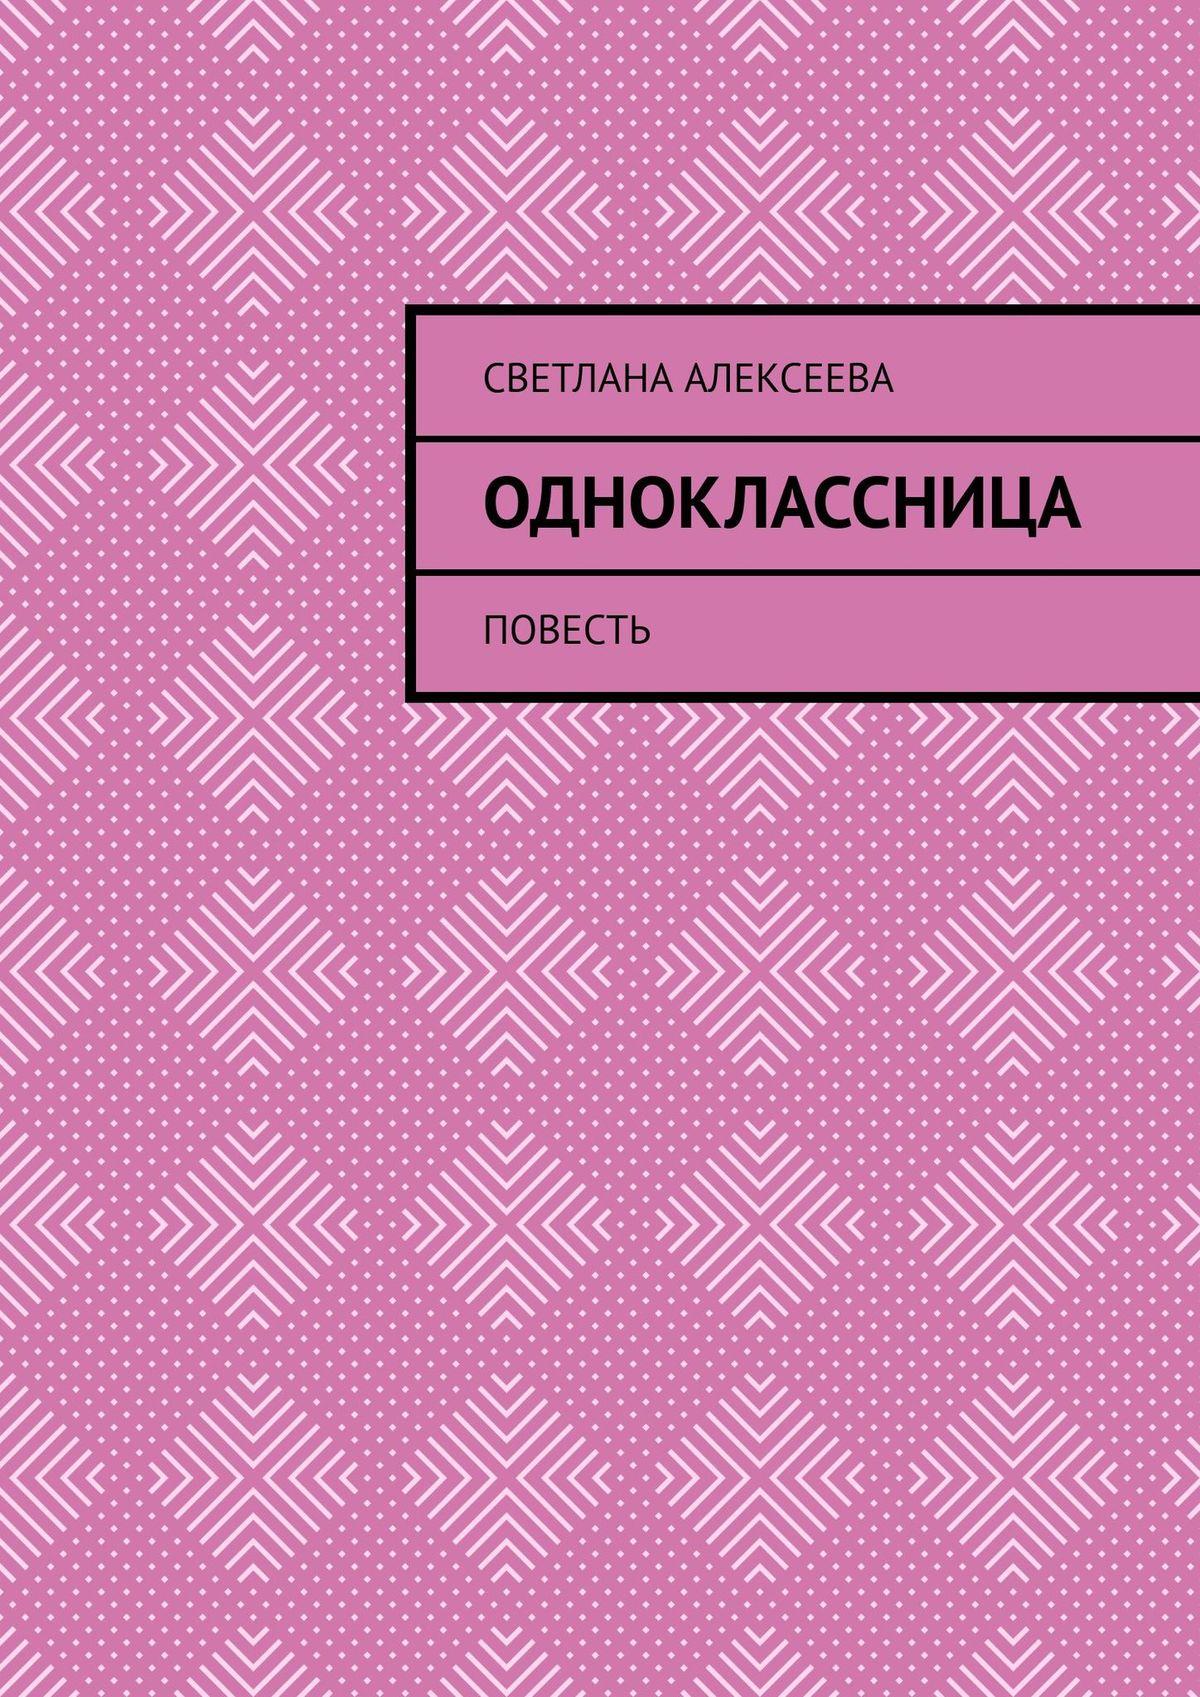 Светлана Алексеева Одноклассница. Повесть светлана желейкина академия обладателей дара выбор комиссии